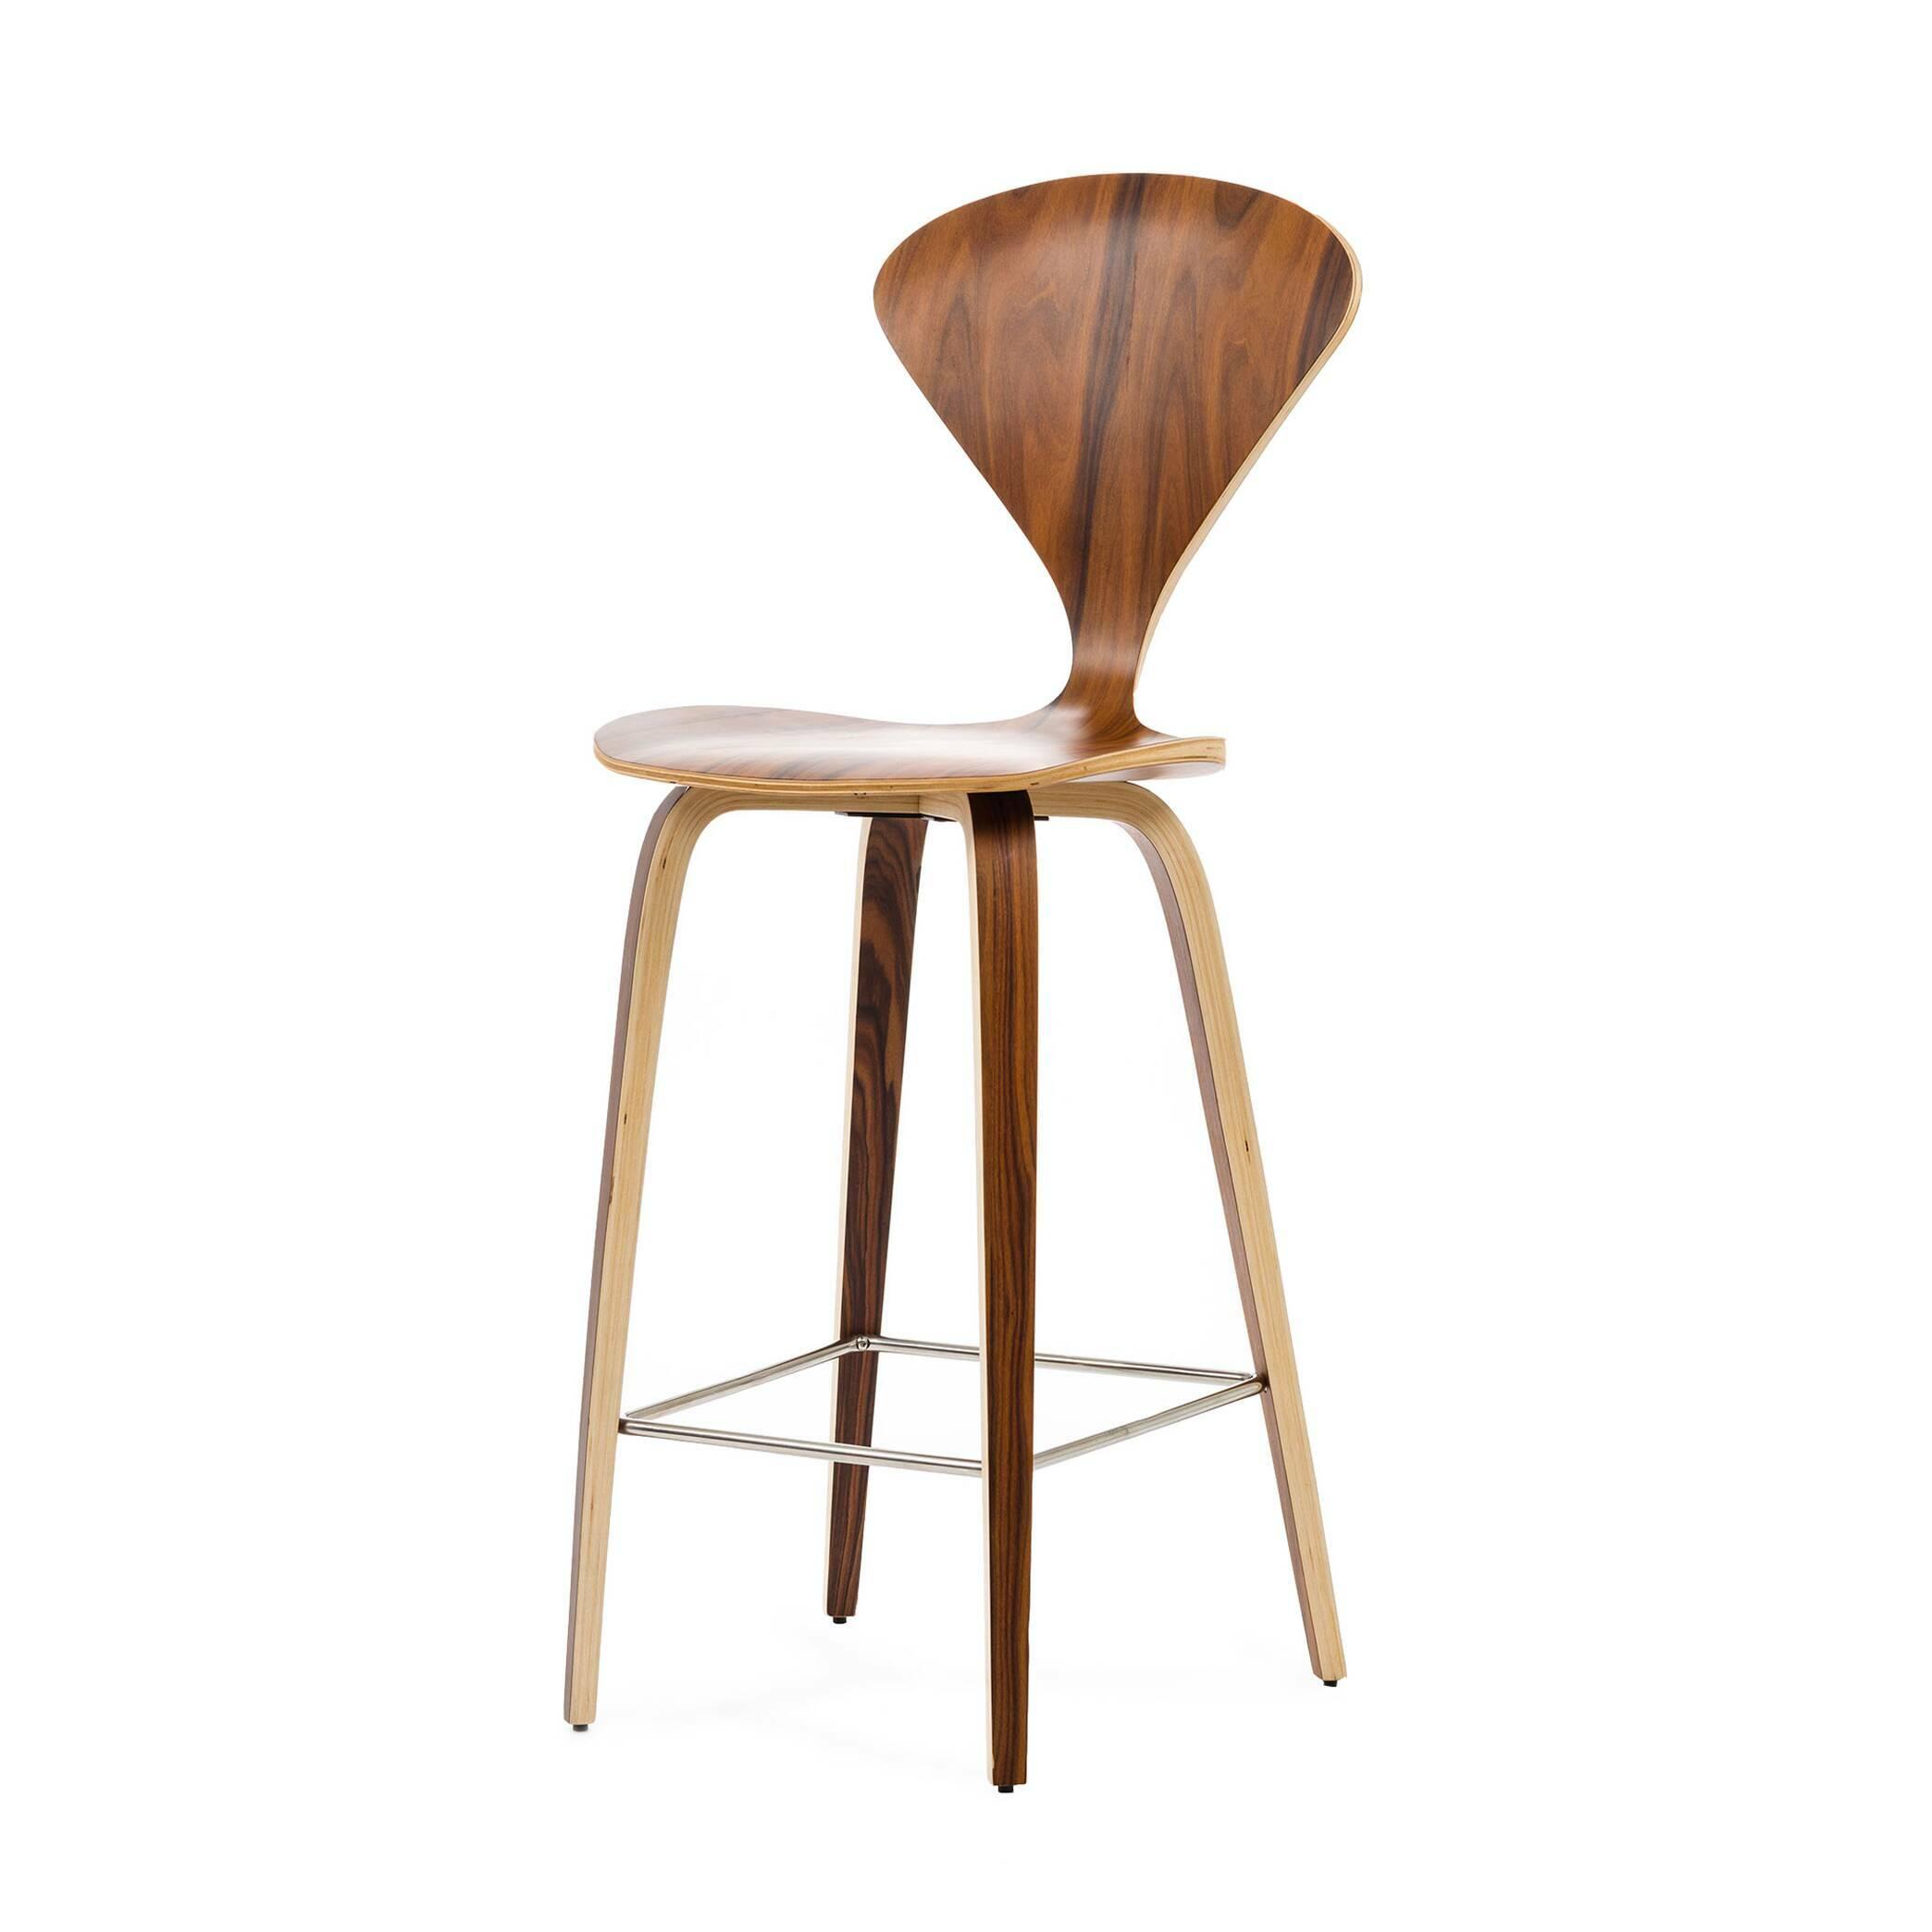 Барный стул Cherner высота 110Барные<br>Дизайнерский деревянный коричневый барный стул Cherner (Чернер) с узкой спинкой от Cosmo (Космо). <br><br> Барный стул Cherner высота 110 — это великолепный деревянный барный стул 1958 года по-настоящему инновационного дизайна Нормана Чернера. Барный стул Cherner — прекрасный союз комфорта, новизны и стиля. Американский дизайнер Норман Чернер известен в мире дизайна прежде всего благодаря коллекции стульев Cherner. Их особенная форма, безупречные линии и необычный дизайн не выходят из моды уже до...<br><br>stock: 0<br>Высота: 110<br>Высота сиденья: 72,5<br>Ширина: 47<br>Глубина: 54<br>Материал каркаса: Фанера, шпон розового дерева<br>Тип материала каркаса: Дерево<br>Цвет каркаса: Коричневый